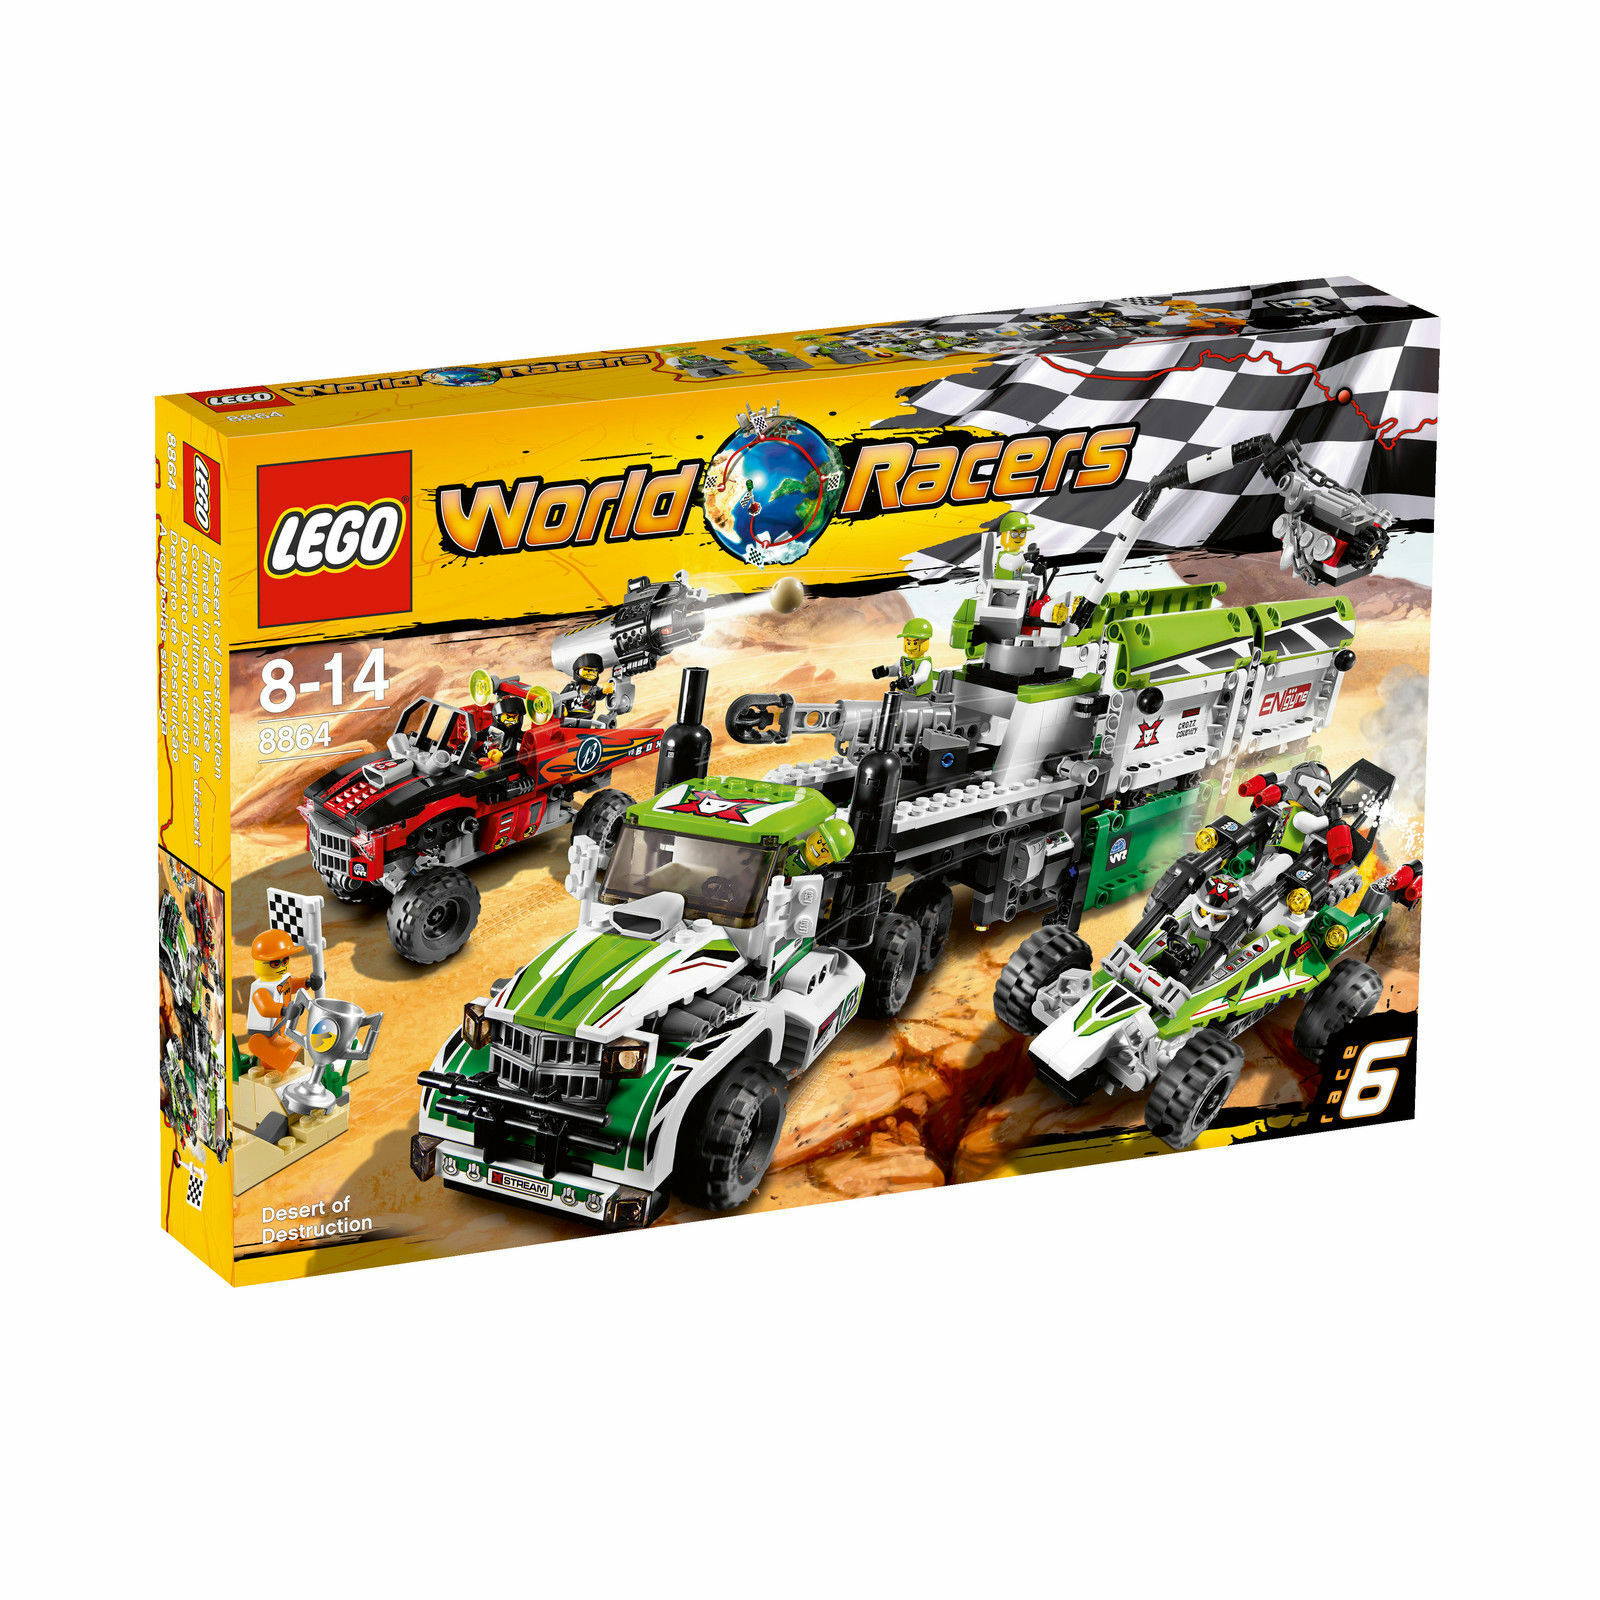 LEGO World Racers Finale in der Wüste (8864) L